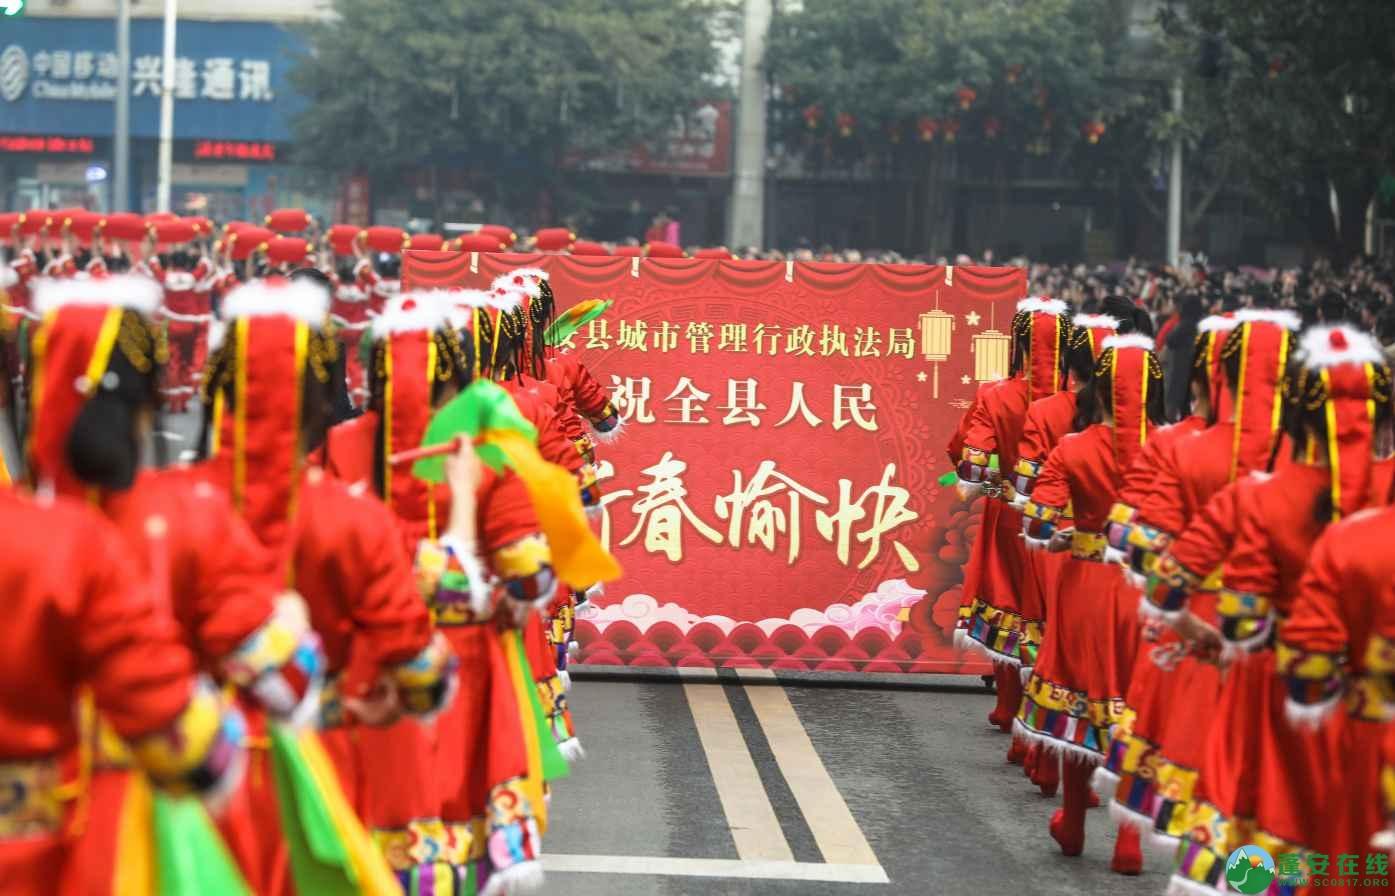 蓬安县2019年迎新春民间民俗街头文艺巡演精彩片段 - 第16张  | 蓬安在线